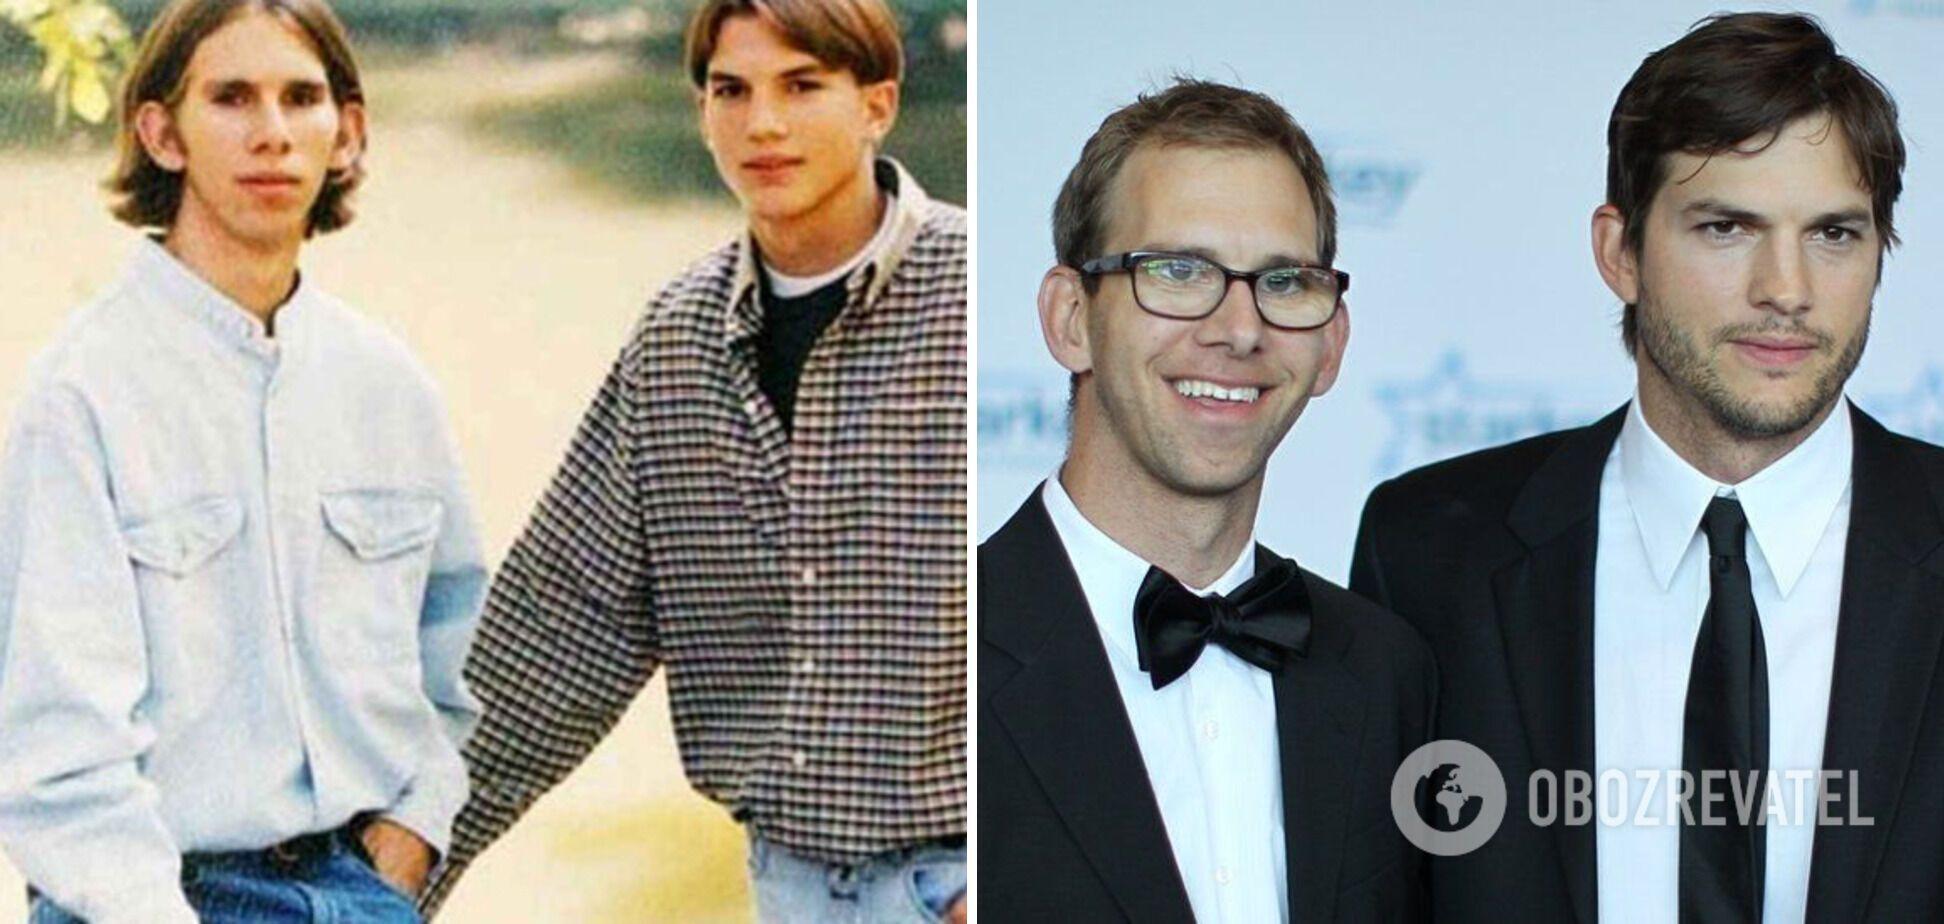 Актор Ештон Кутчер має брата-близнюка.